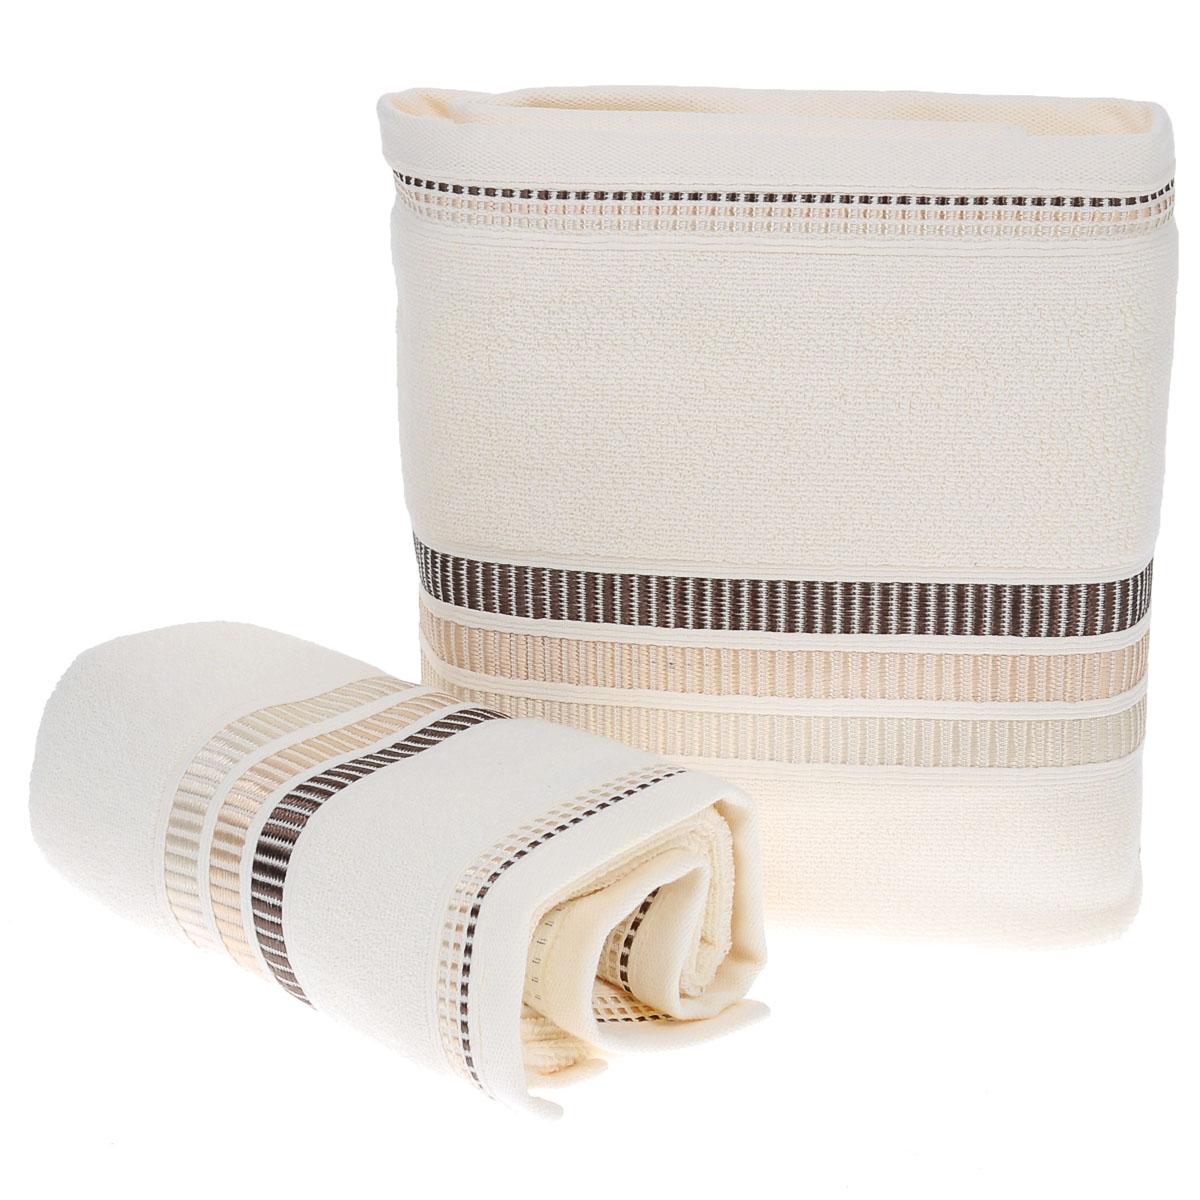 Набор махровых полотенец Coronet Пиано, цвет: молочный, 2 шт. Б-МП-2020-15-08-кБ-МП-2020-15-08-кПодарочный набор Coronet Пиано состоит из двух полотенец разного размера, выполненных из натуральной махровой ткани. Полотенца украшены изящным декоративным теснением. Мягкие и уютные, они прекрасно впитывают влагу и легко стираются. Такой набор подарит вам мягкость и необыкновенный комфорт в использовании. Благодаря высокому качеству изготовления, полотенце будет радовать многие годы. Полотенца упакованы в подарочную коробку и станут приятным и полезным подарком вашим друзьям и близким.